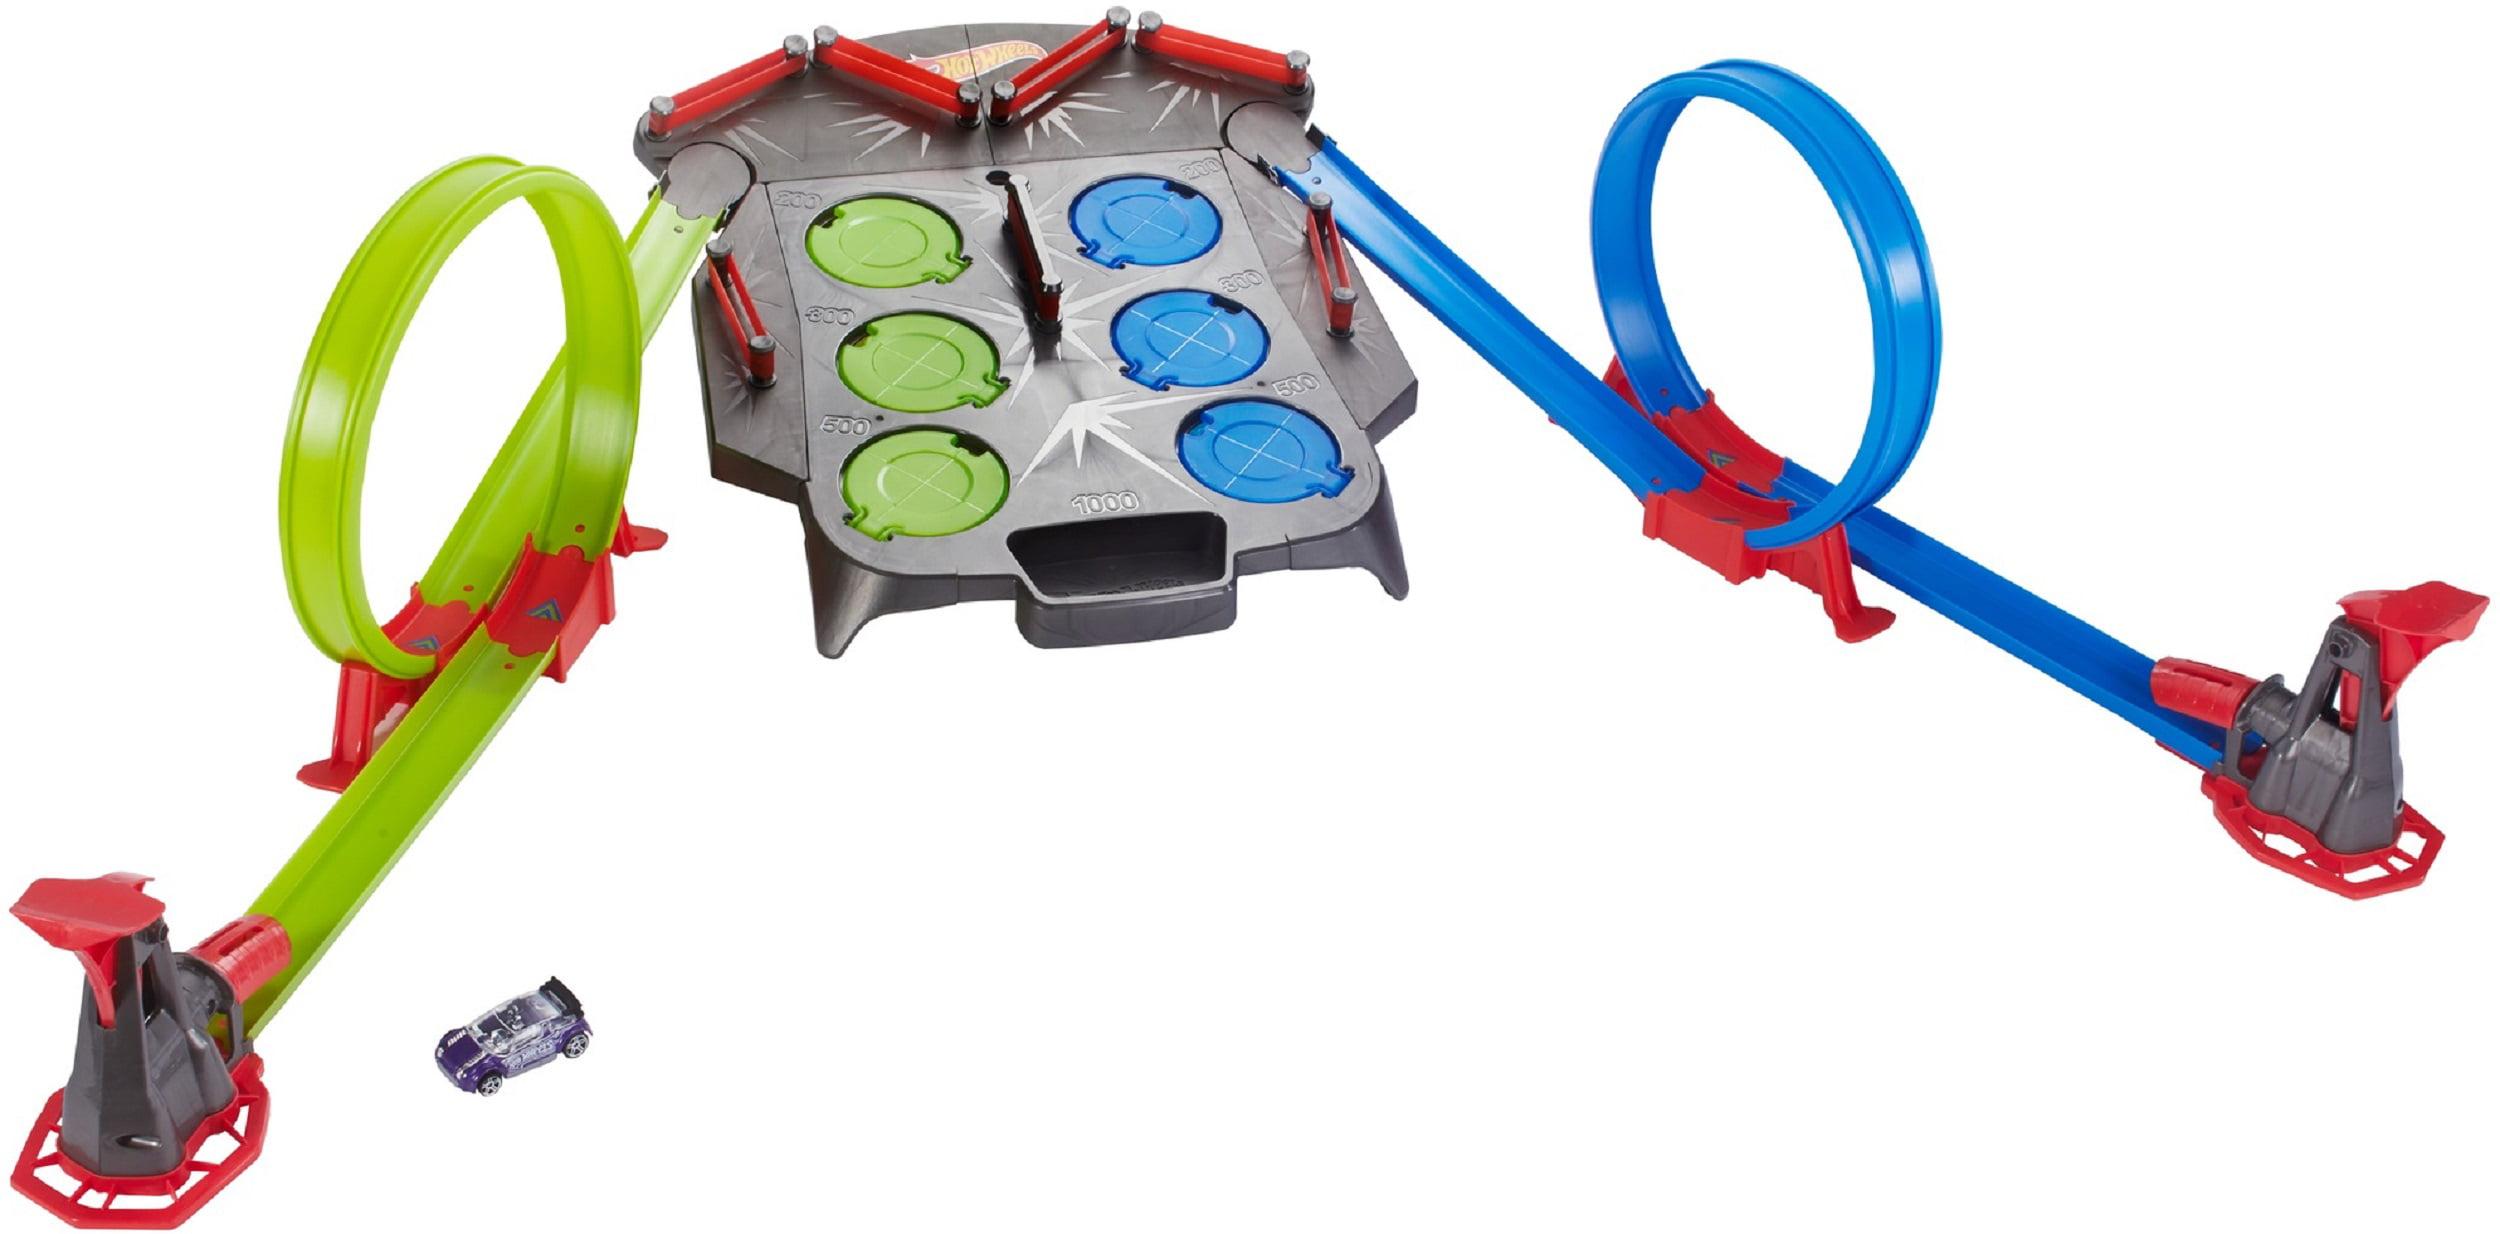 Hot Wheels Rebound Raceway Playset by Mattel